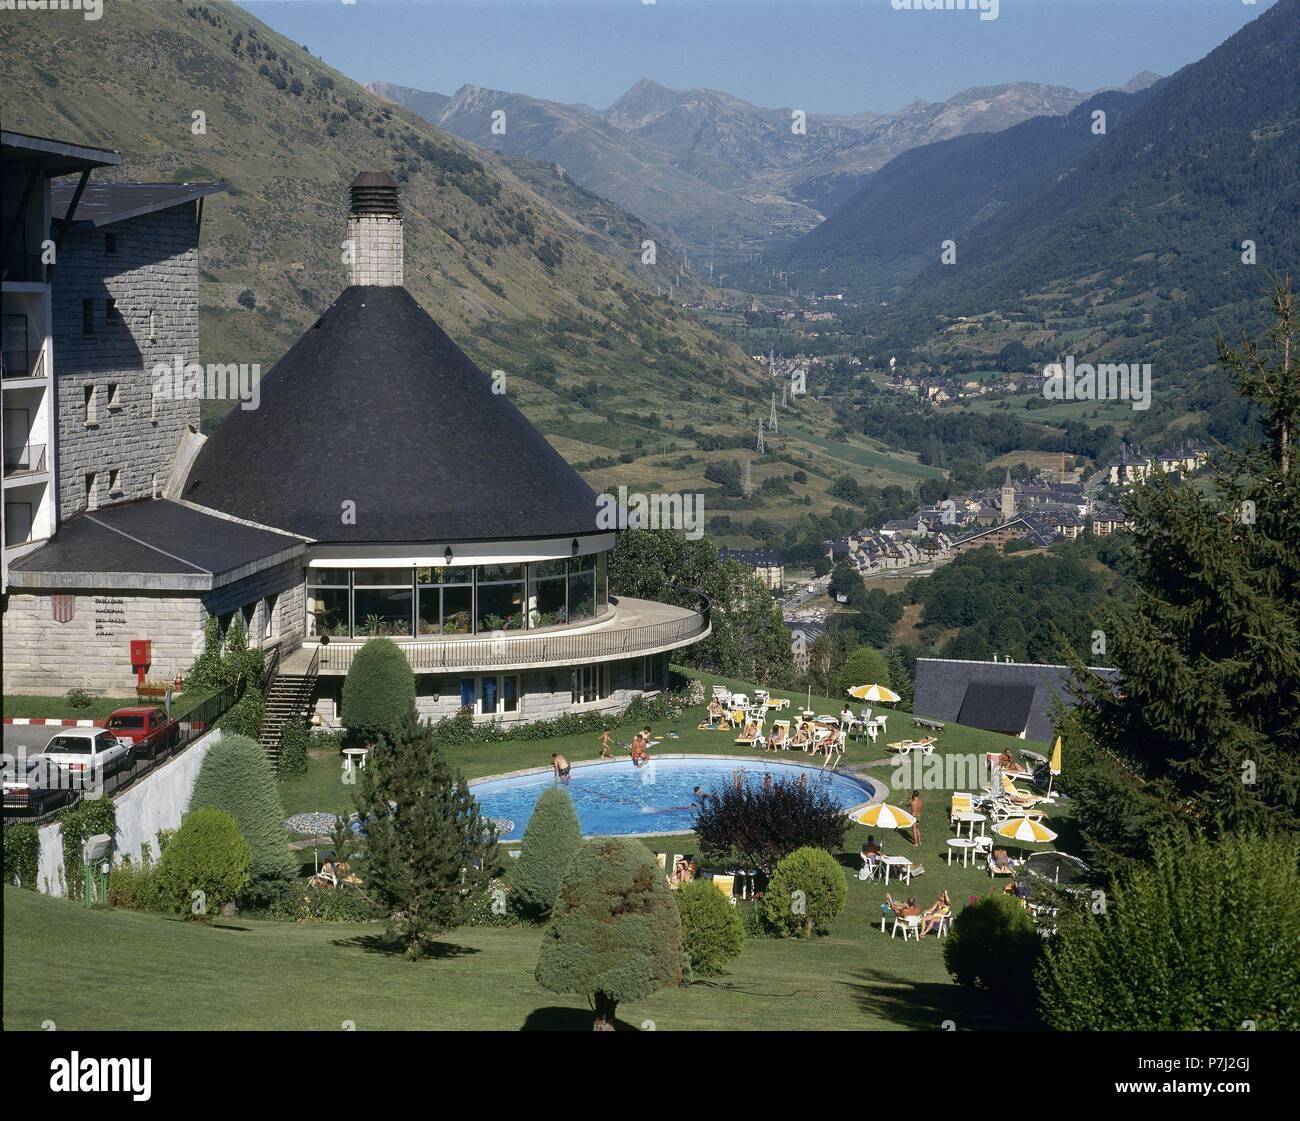 Ext arquitectura s xx y piscina situado en el valle de aran location parador nacional - Piscinas en el valle ...